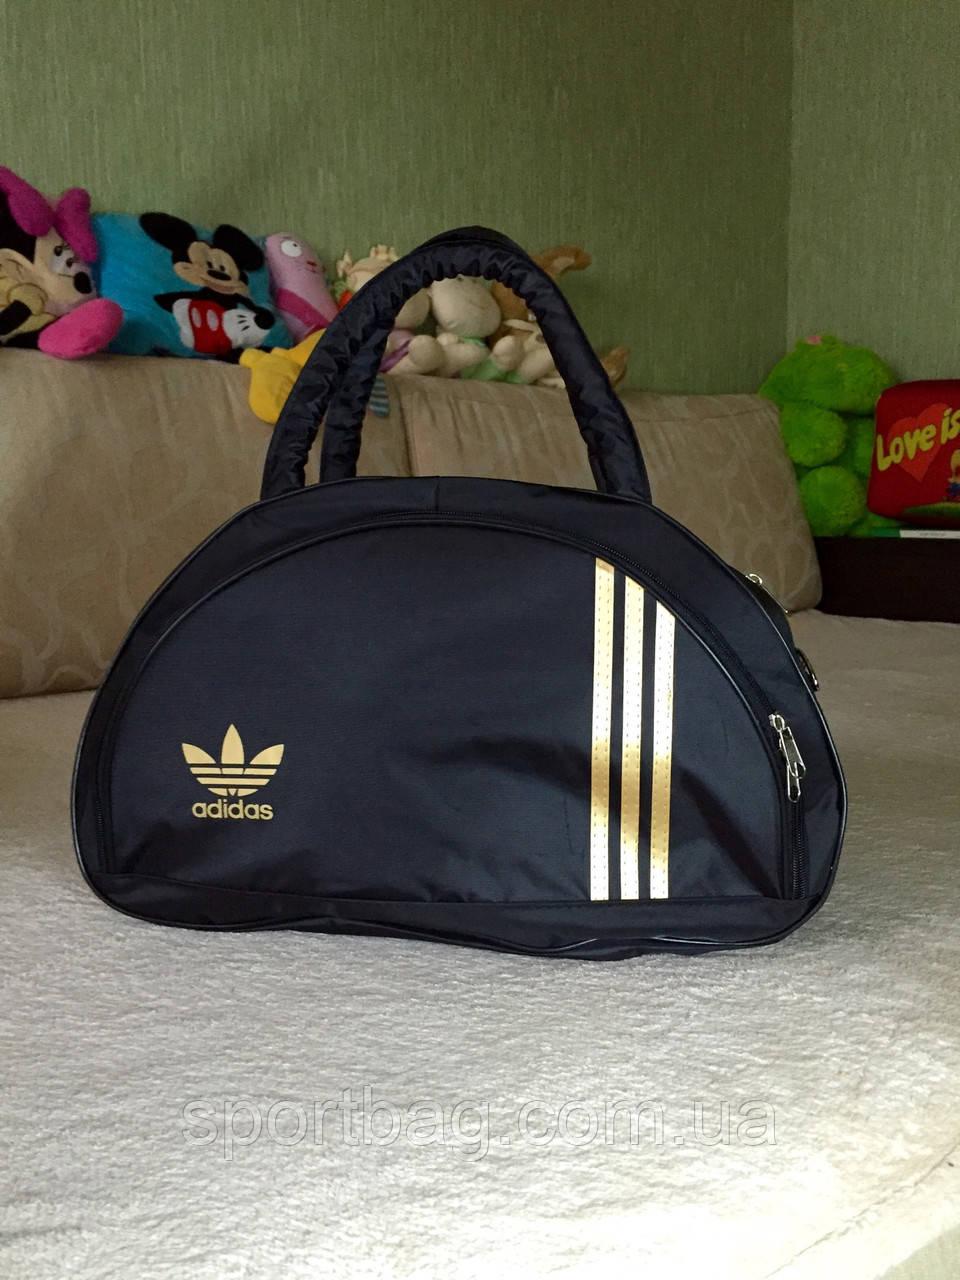 a1d0b3b76a69 Сумка женская Adidas, модель МВ. Хмельницкий: продажа, цена в ...